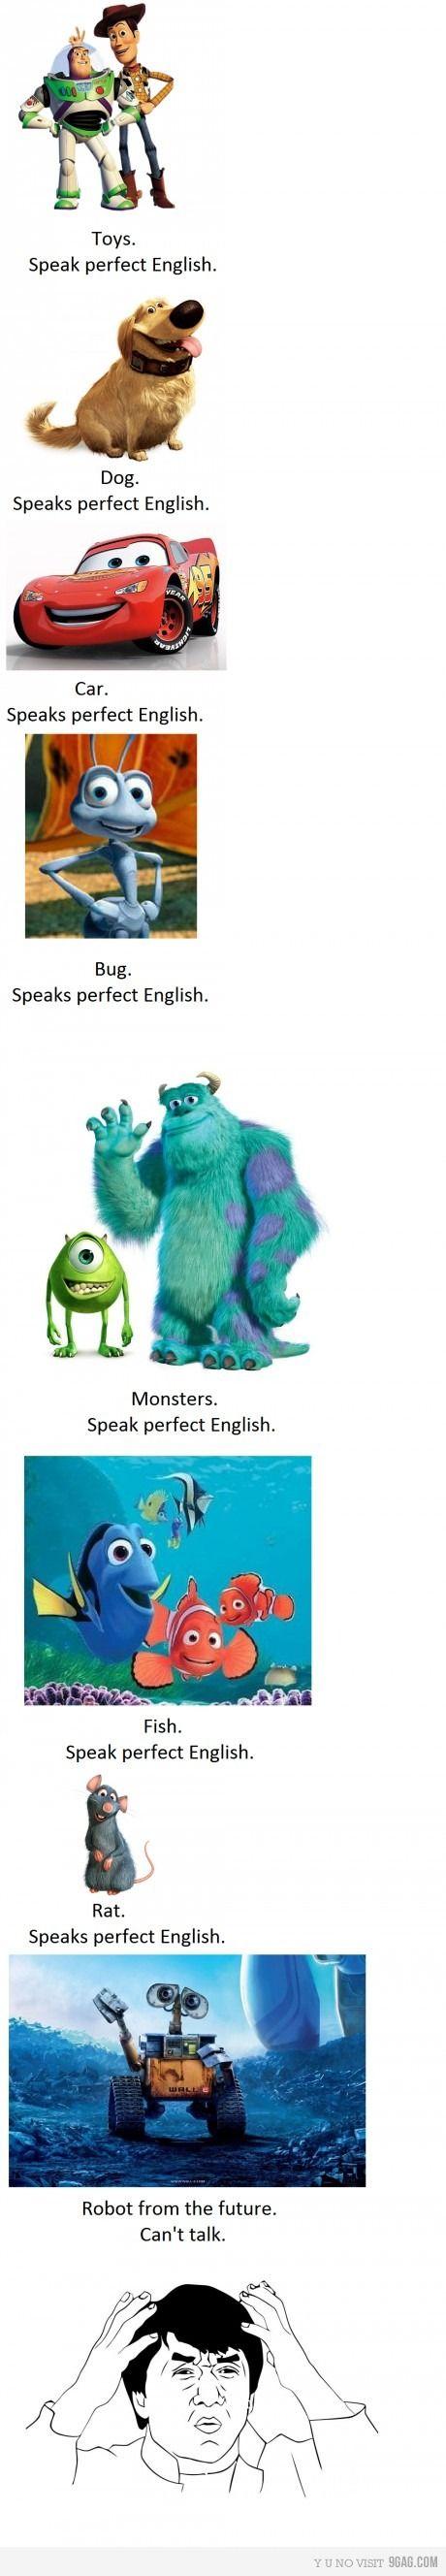 Disney Pixar Makes No Sense Funny Disney Memes Disney Funny Disney Memes